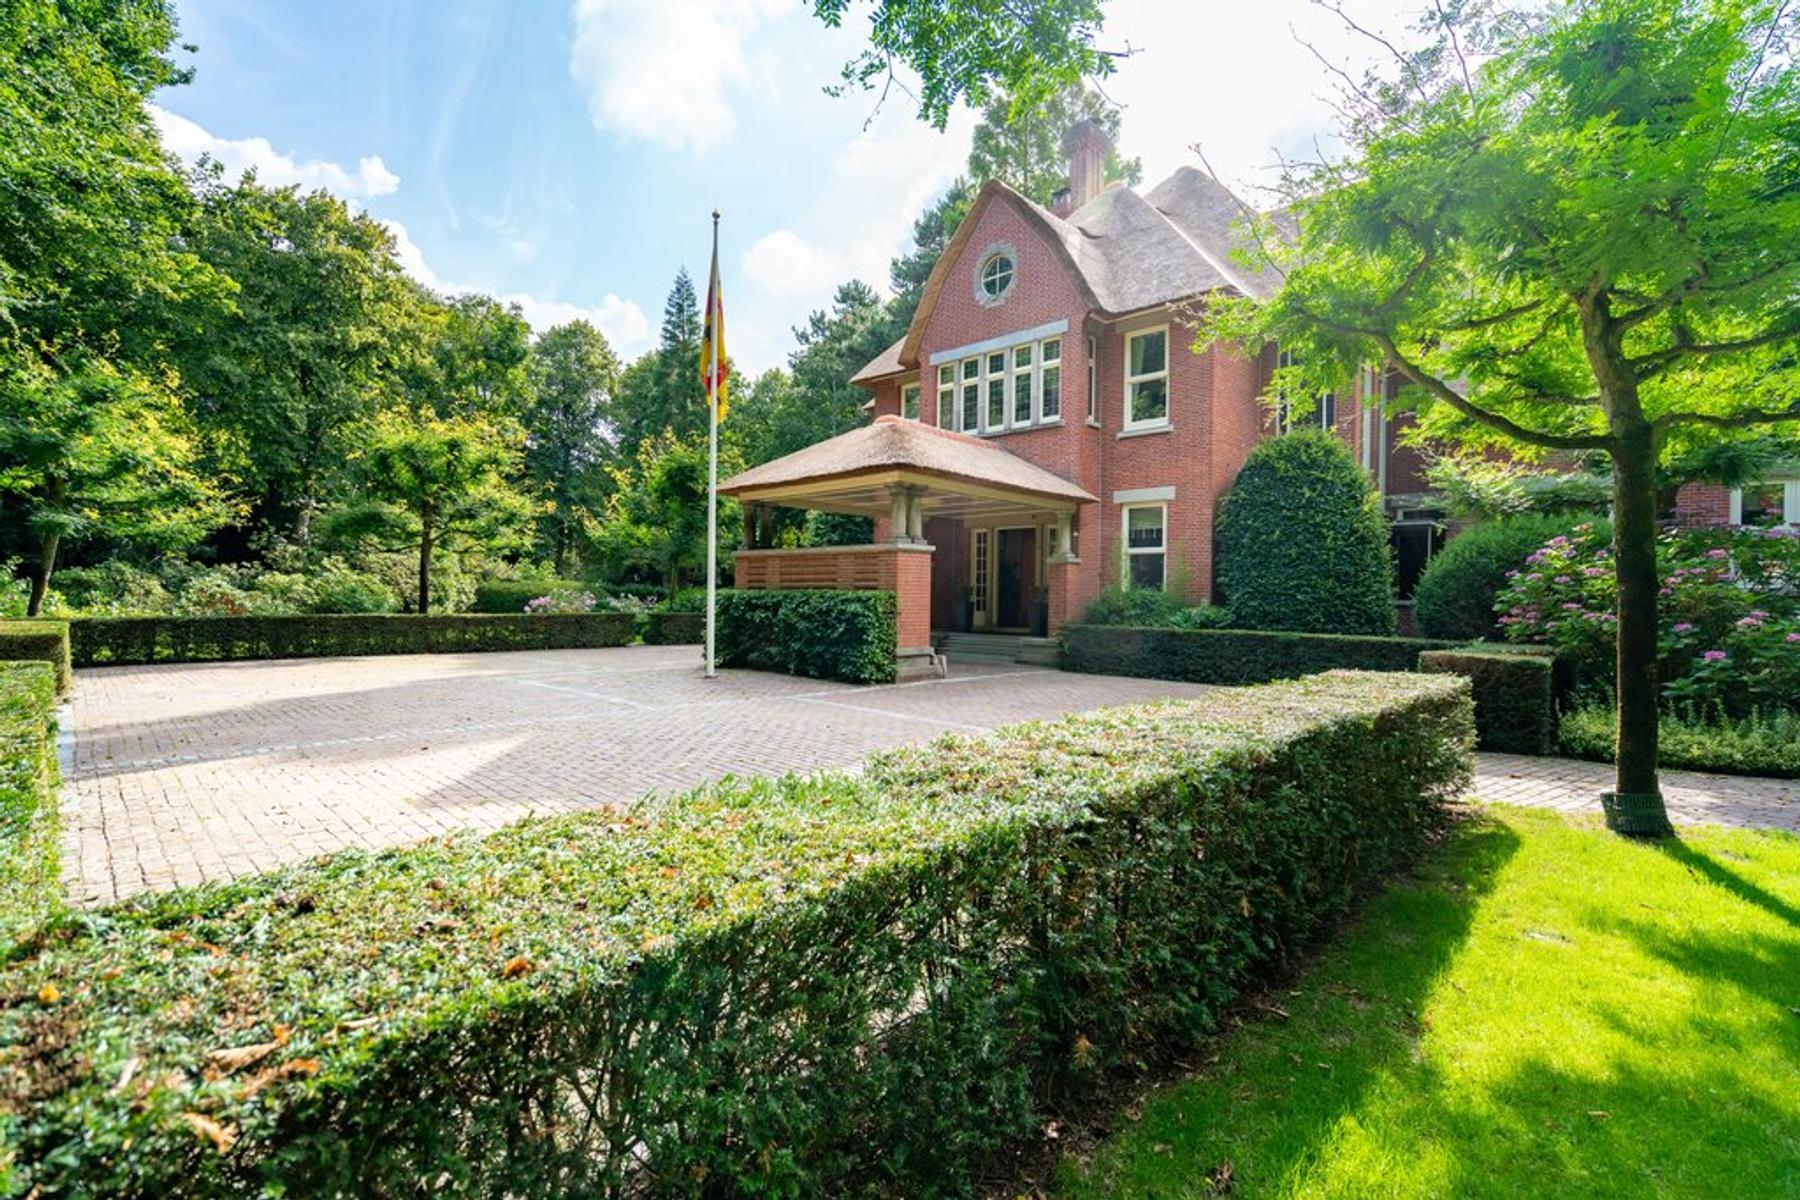 Groen Van Prinstererlaan 3 in Wassenaar 2243 BR